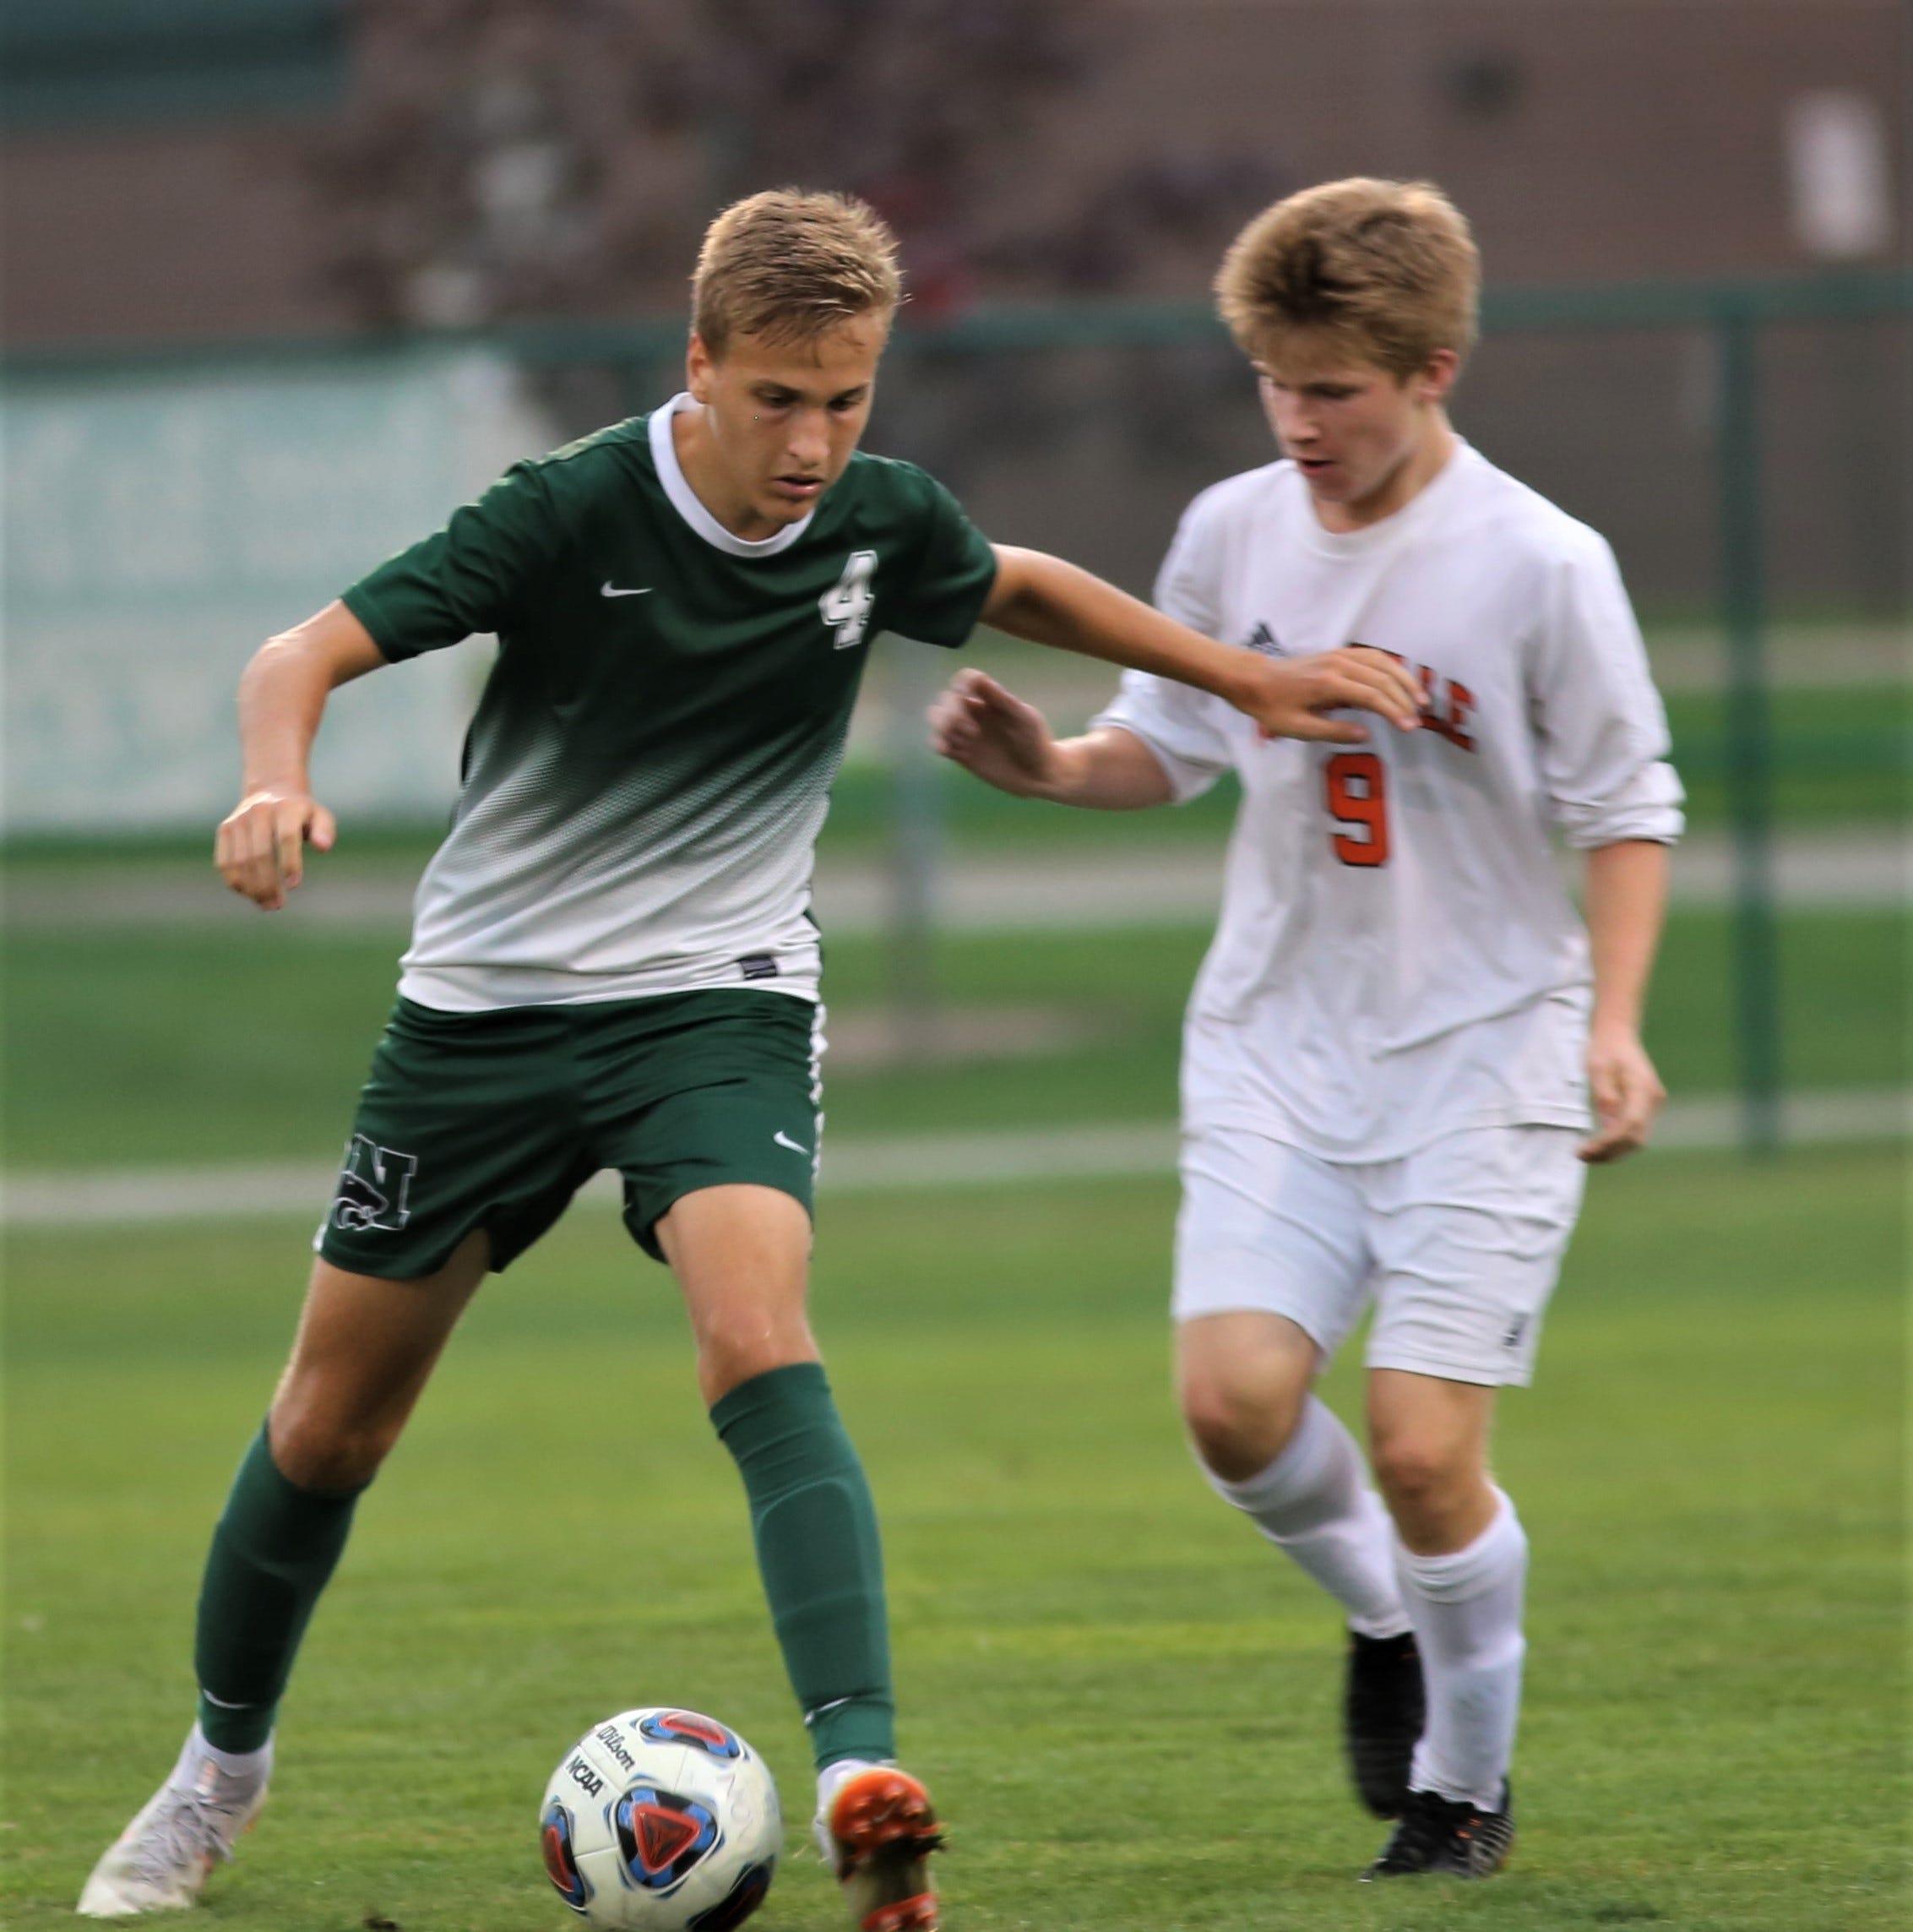 Novi-Northvile KLAA West boys soccer clash ends in scoreless draw